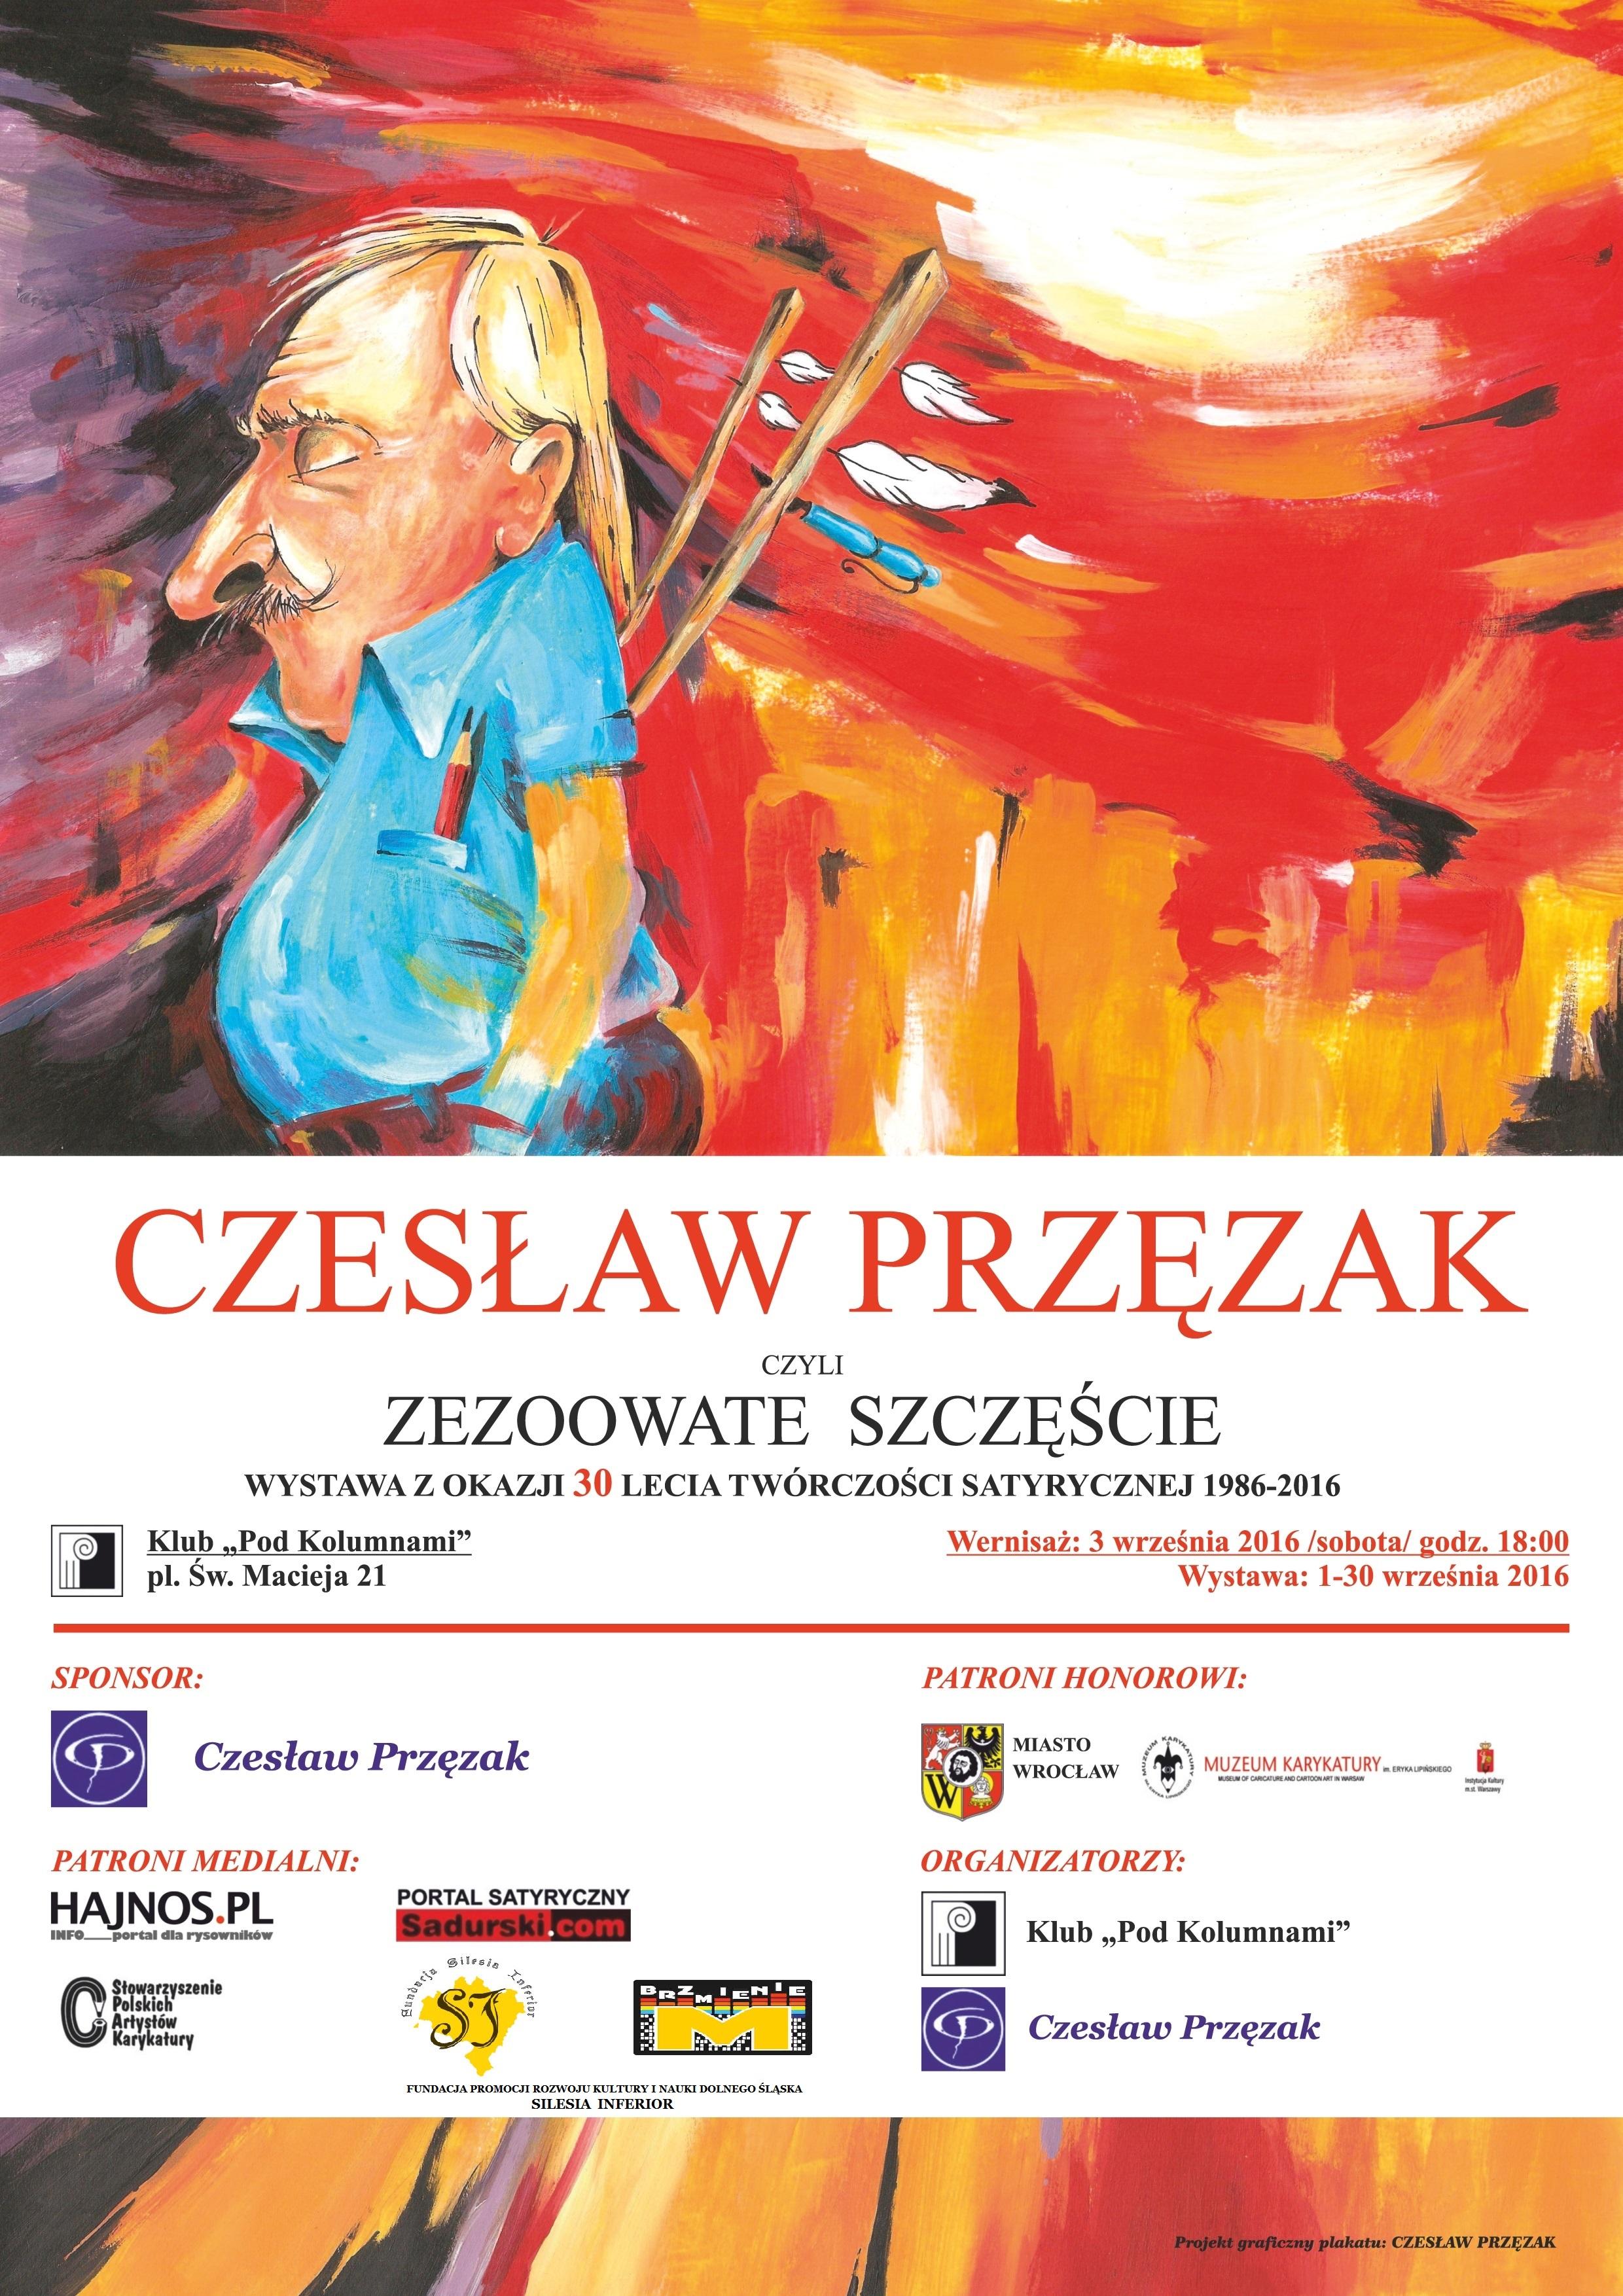 Czesław Przęzak